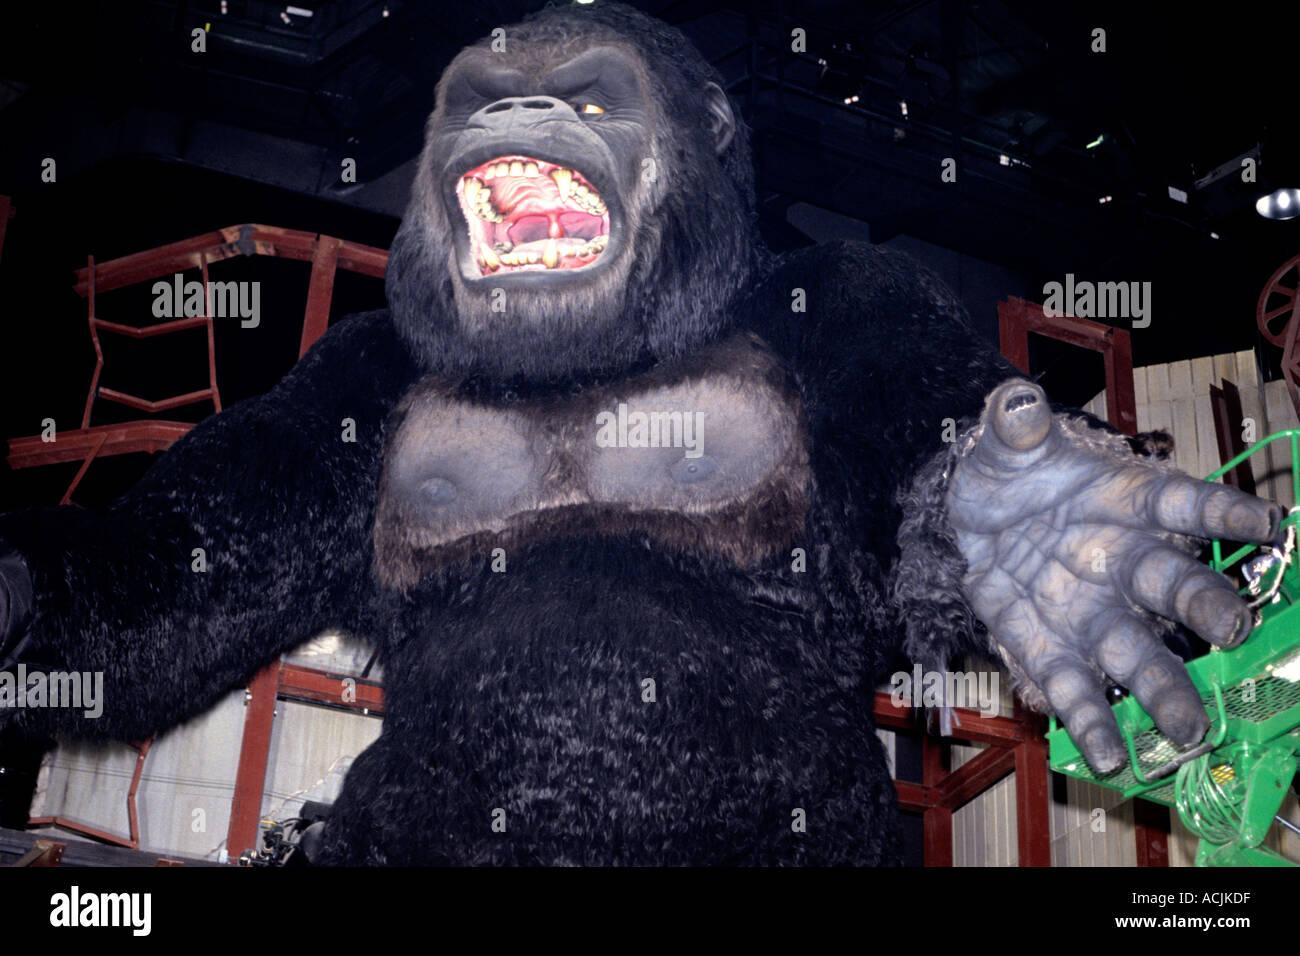 King Kong at Universal Studios in Orlando Florida Stock Photo